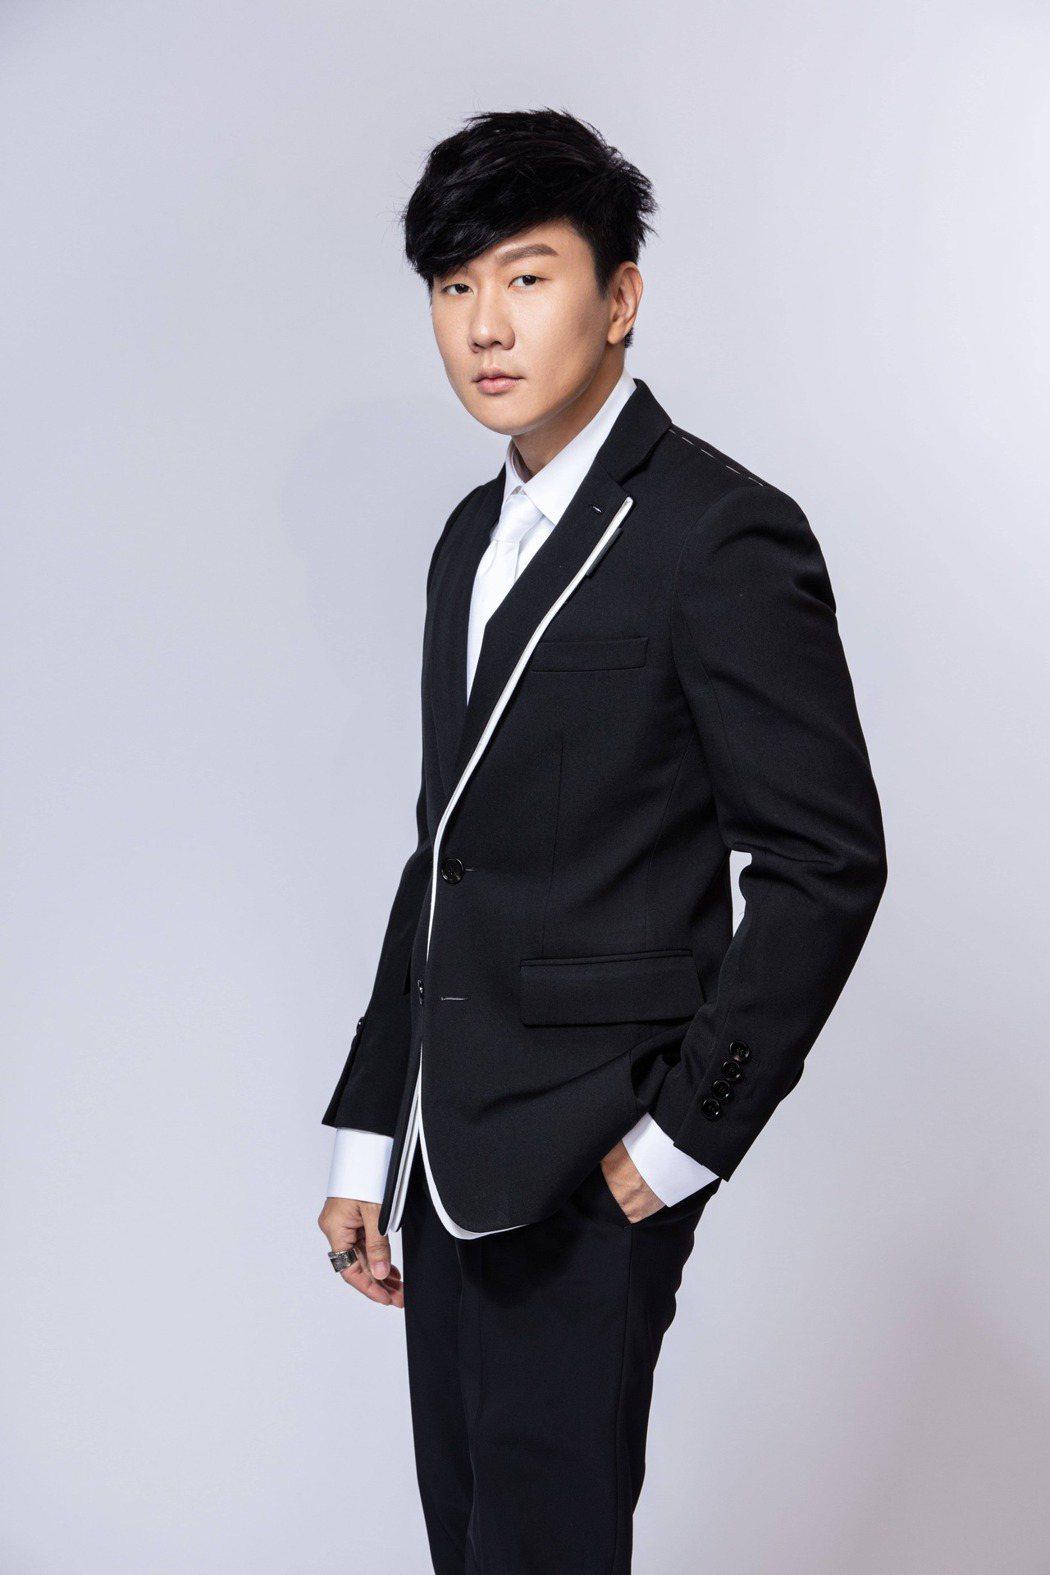 林俊傑為金曲獎助陣。圖/台視提供